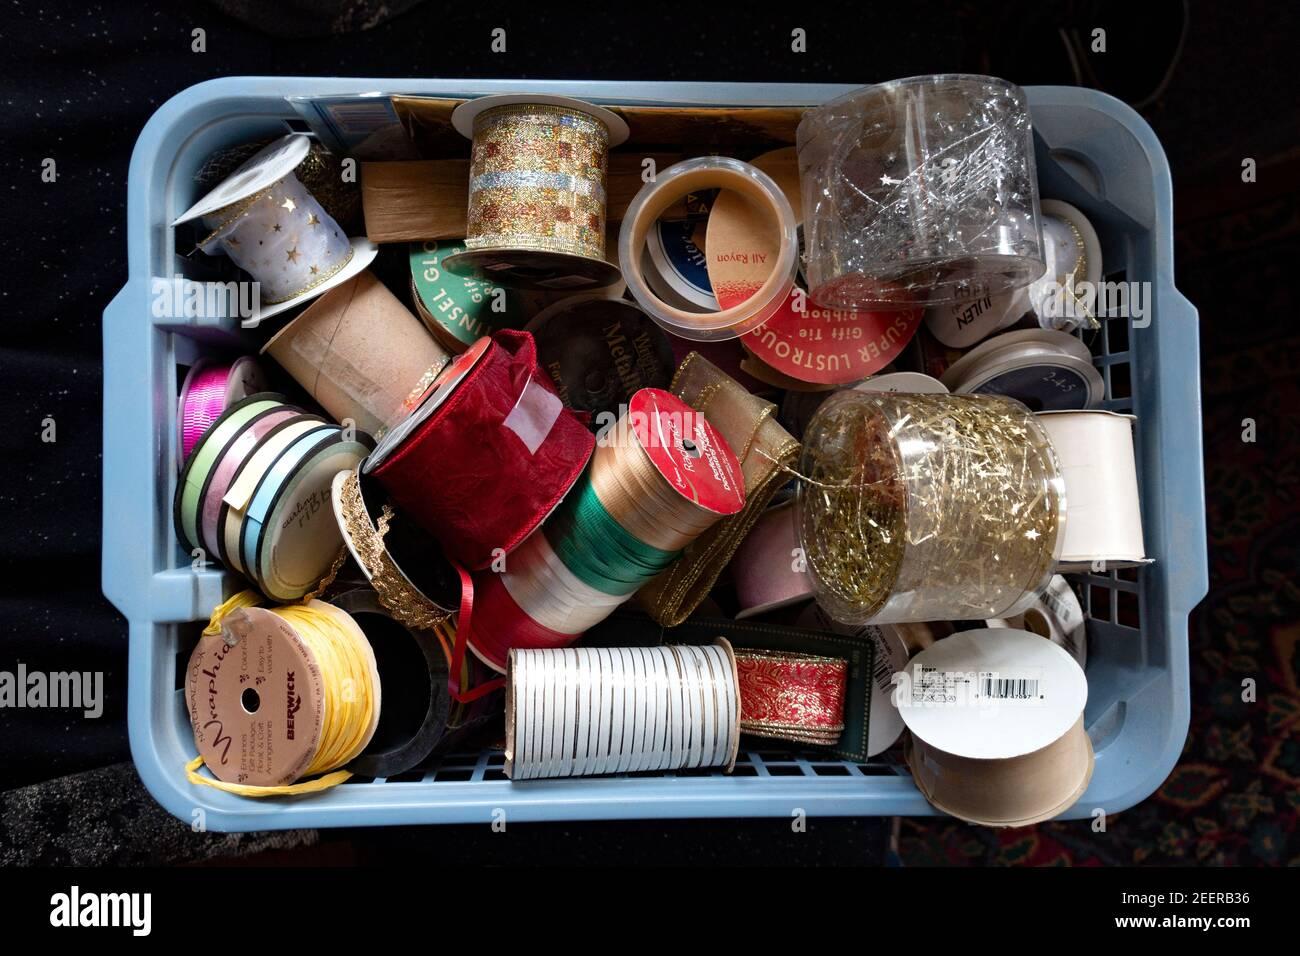 Un cestino di nastri colorati per la decorazione. St Paul Minnesota, Minnesota, Stati Uniti Foto Stock